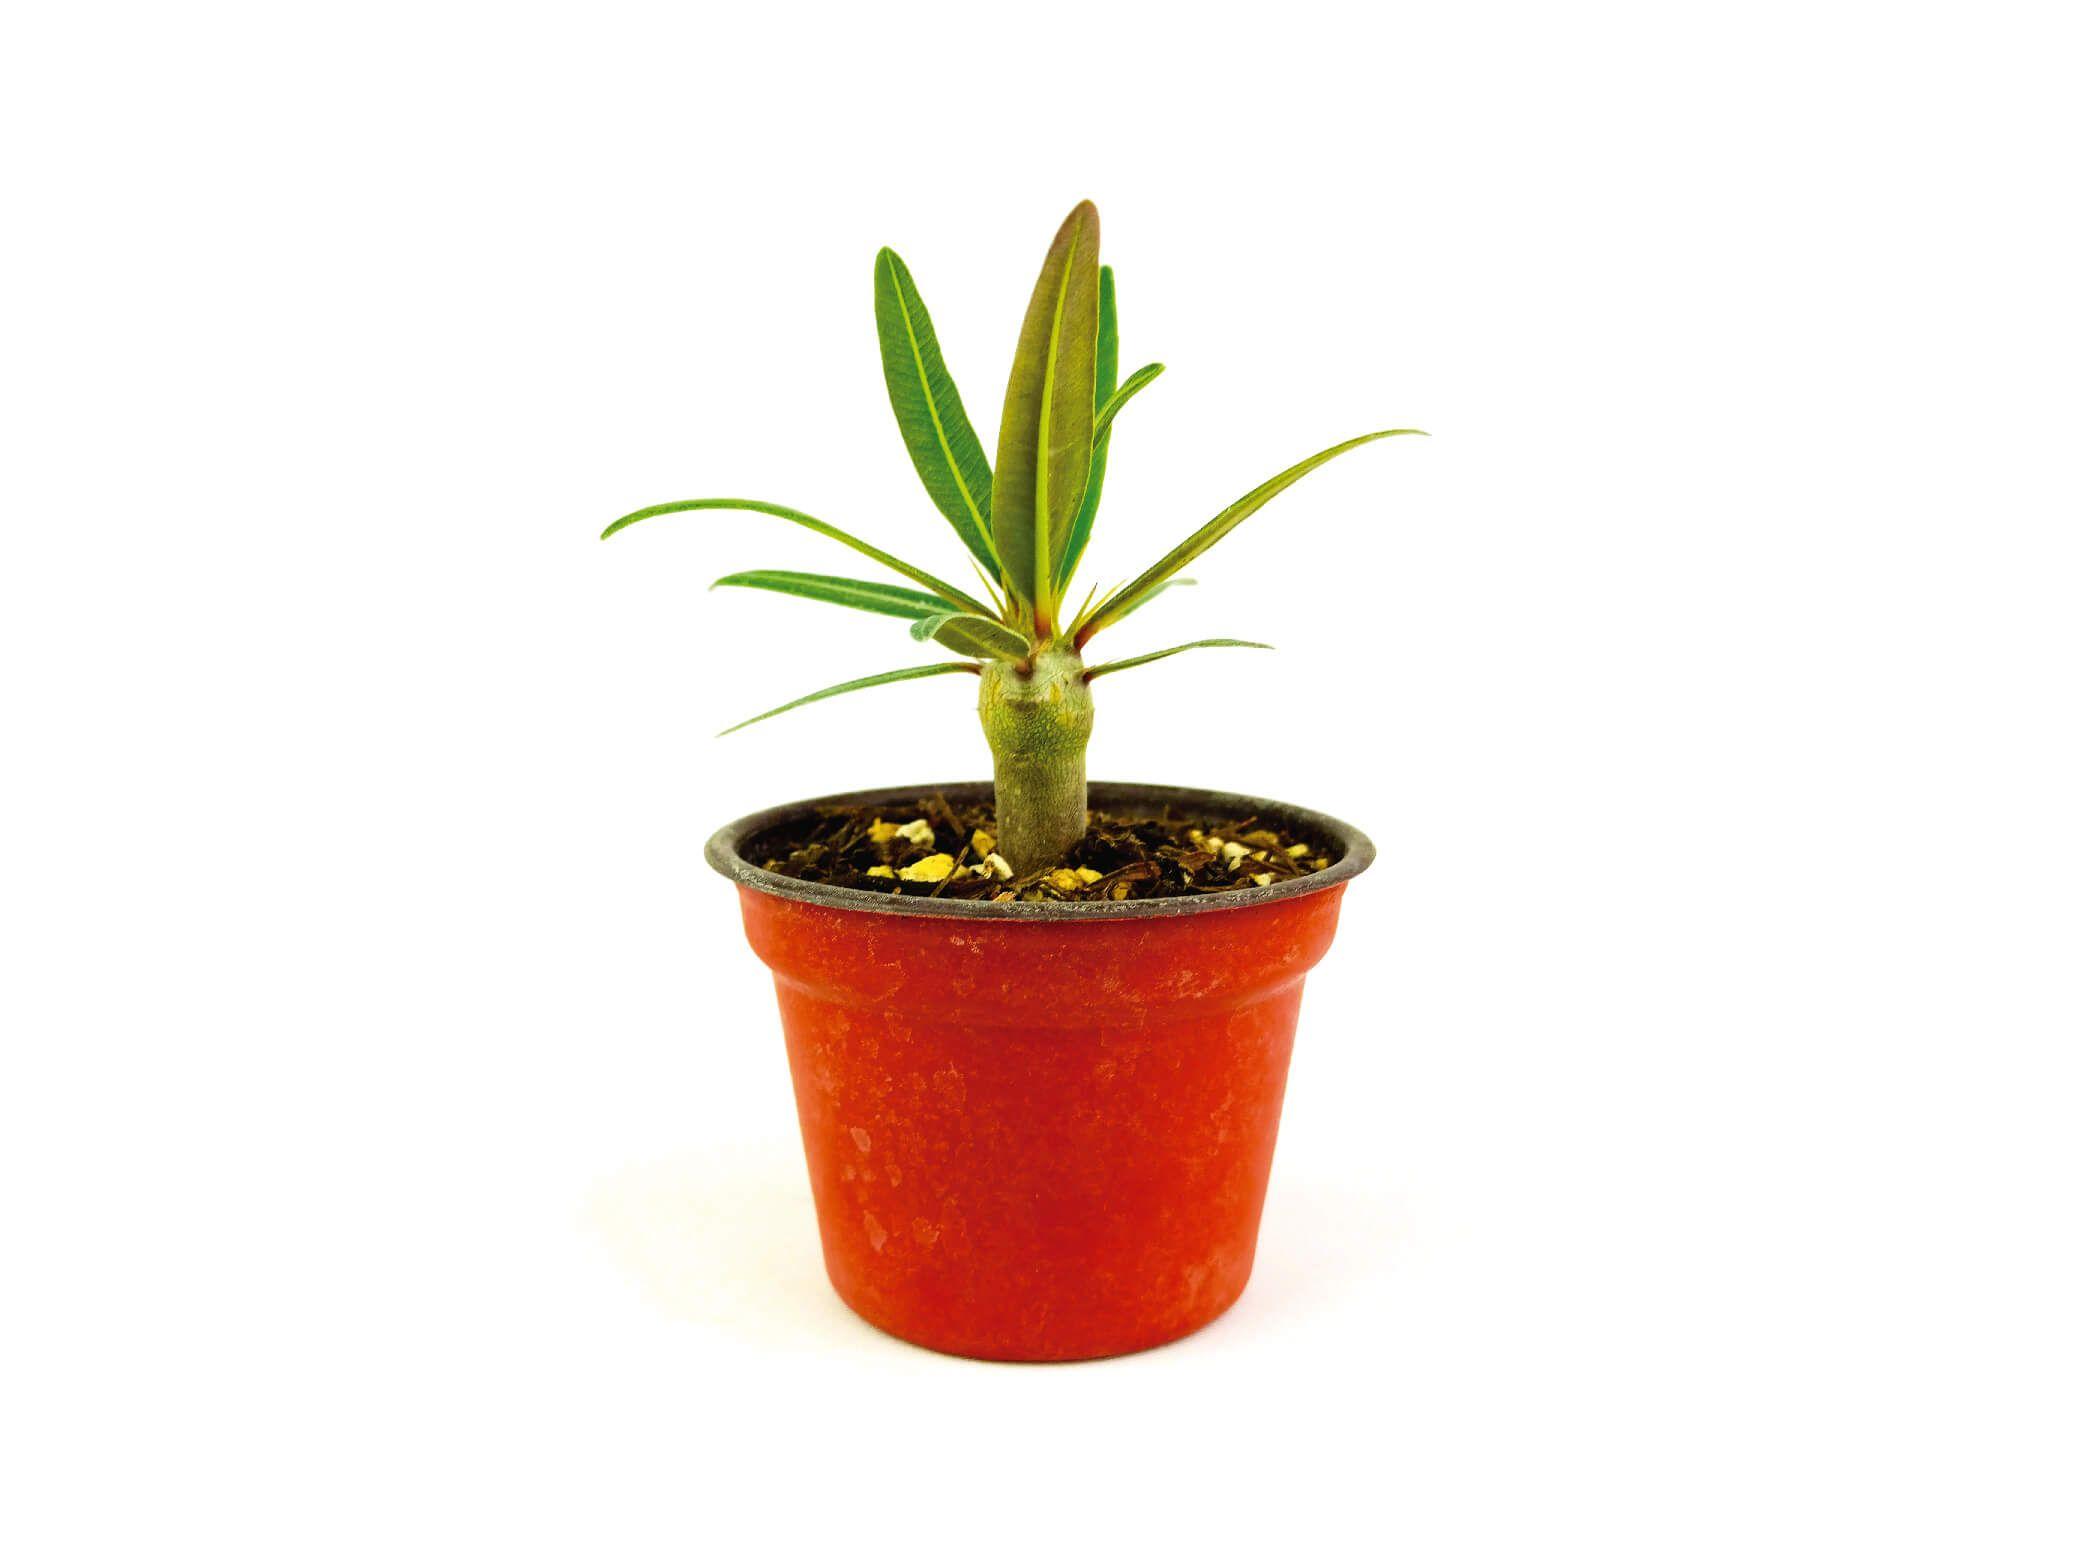 Venta de Pachypodium Rosulatum 3 Pulgadas - Vivero Magnoliophyta